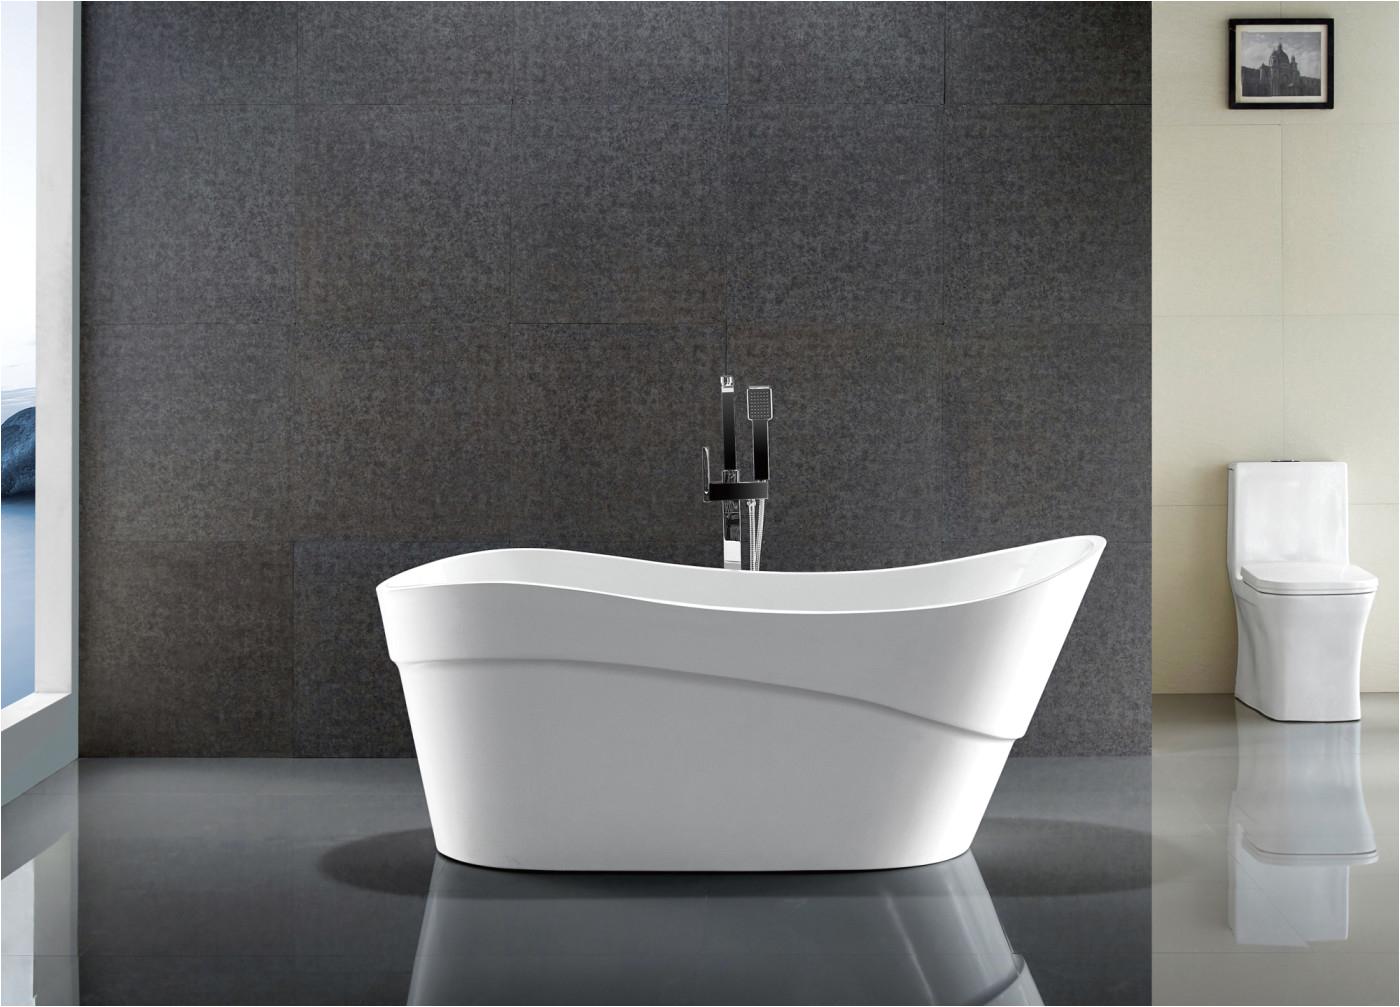 kahl series 5 58 ft freestanding bathtub in white